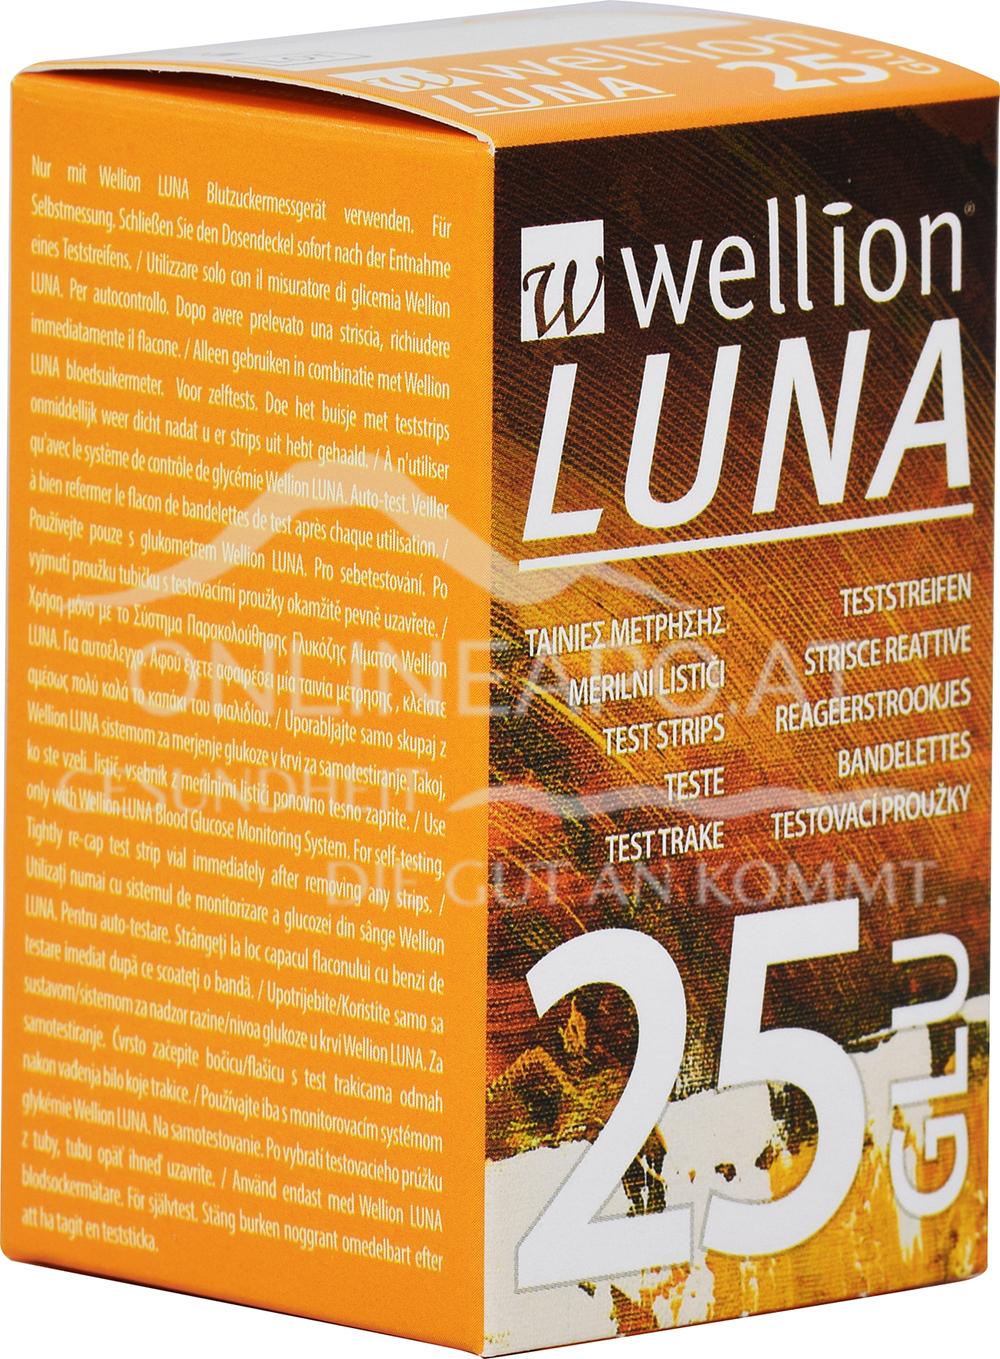 Wellion® LUNA Teststreifen GLU